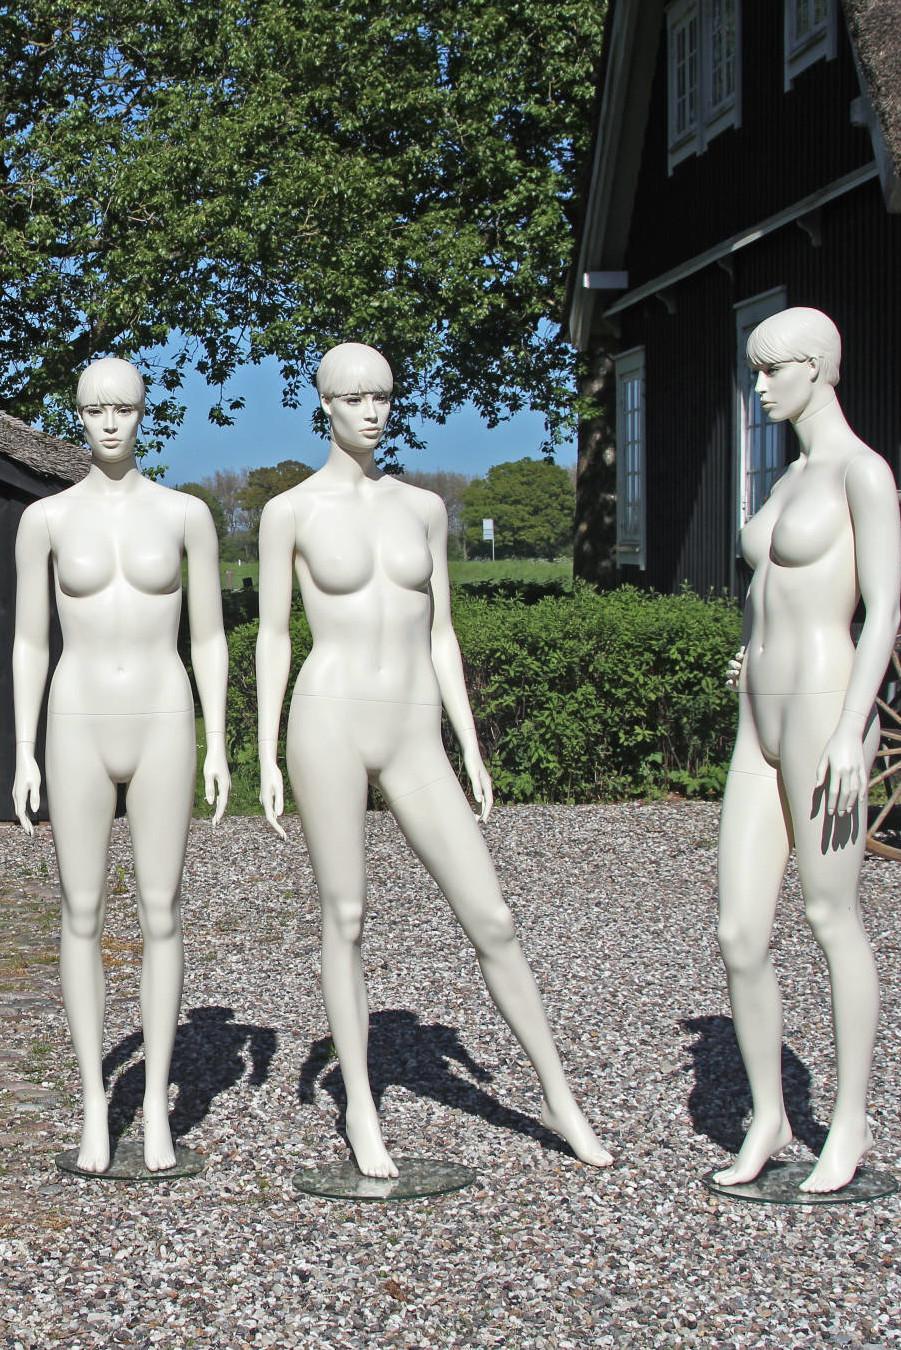 Damemannequin med makeup med aftageligt hoved. Fås i flere forskellige modeller.